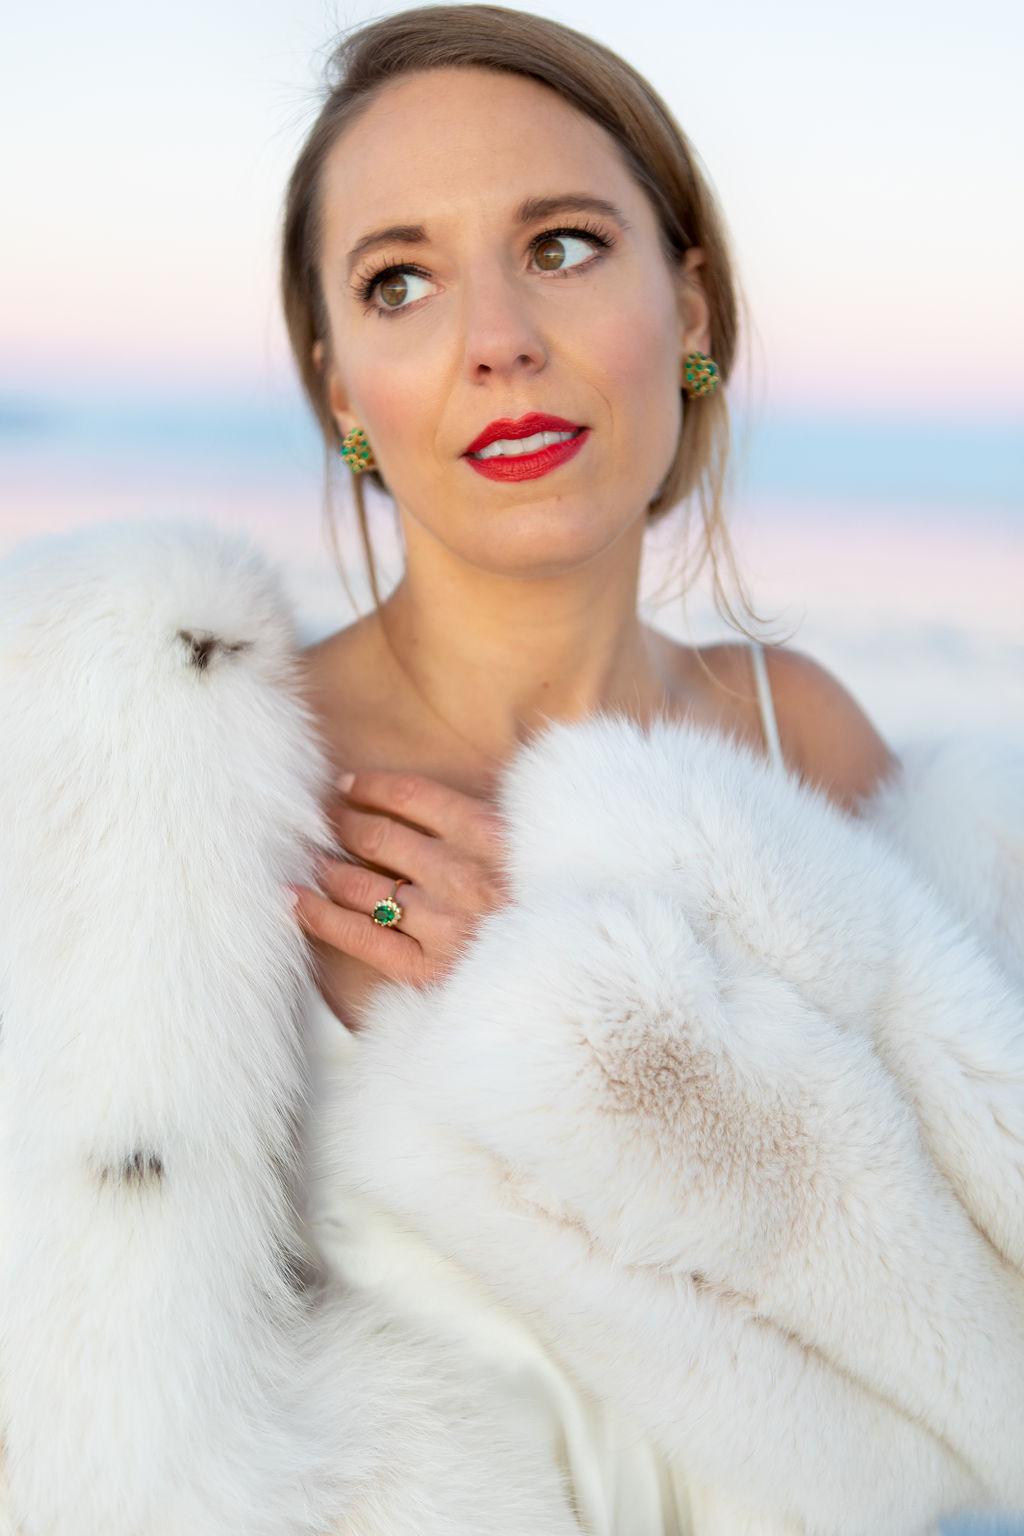 Simple Elegant Vintage Heirloom Wedding Jewelry Victoria Chukarov Salt Flats Utah 5